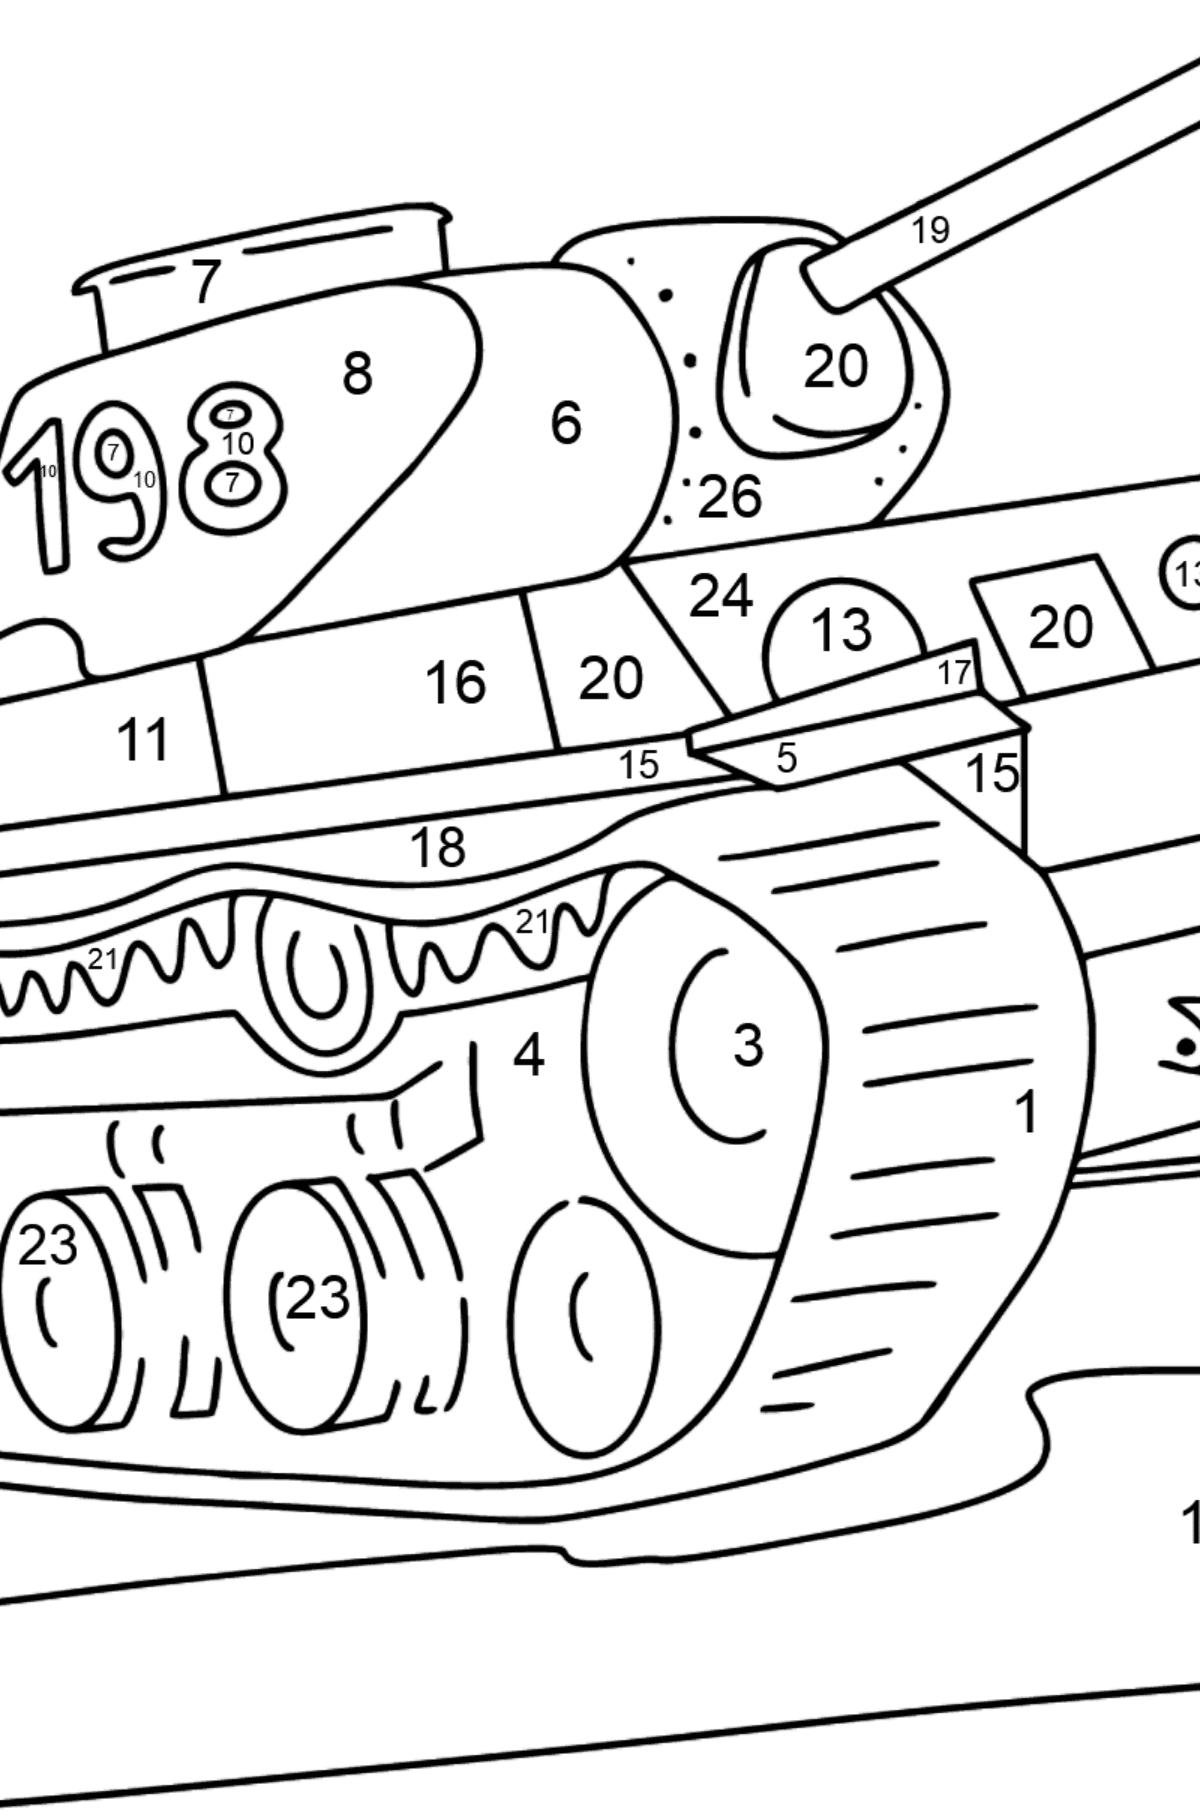 Panzer KV 1 Ausmalbild - Malen nach Zahlen für Kinder